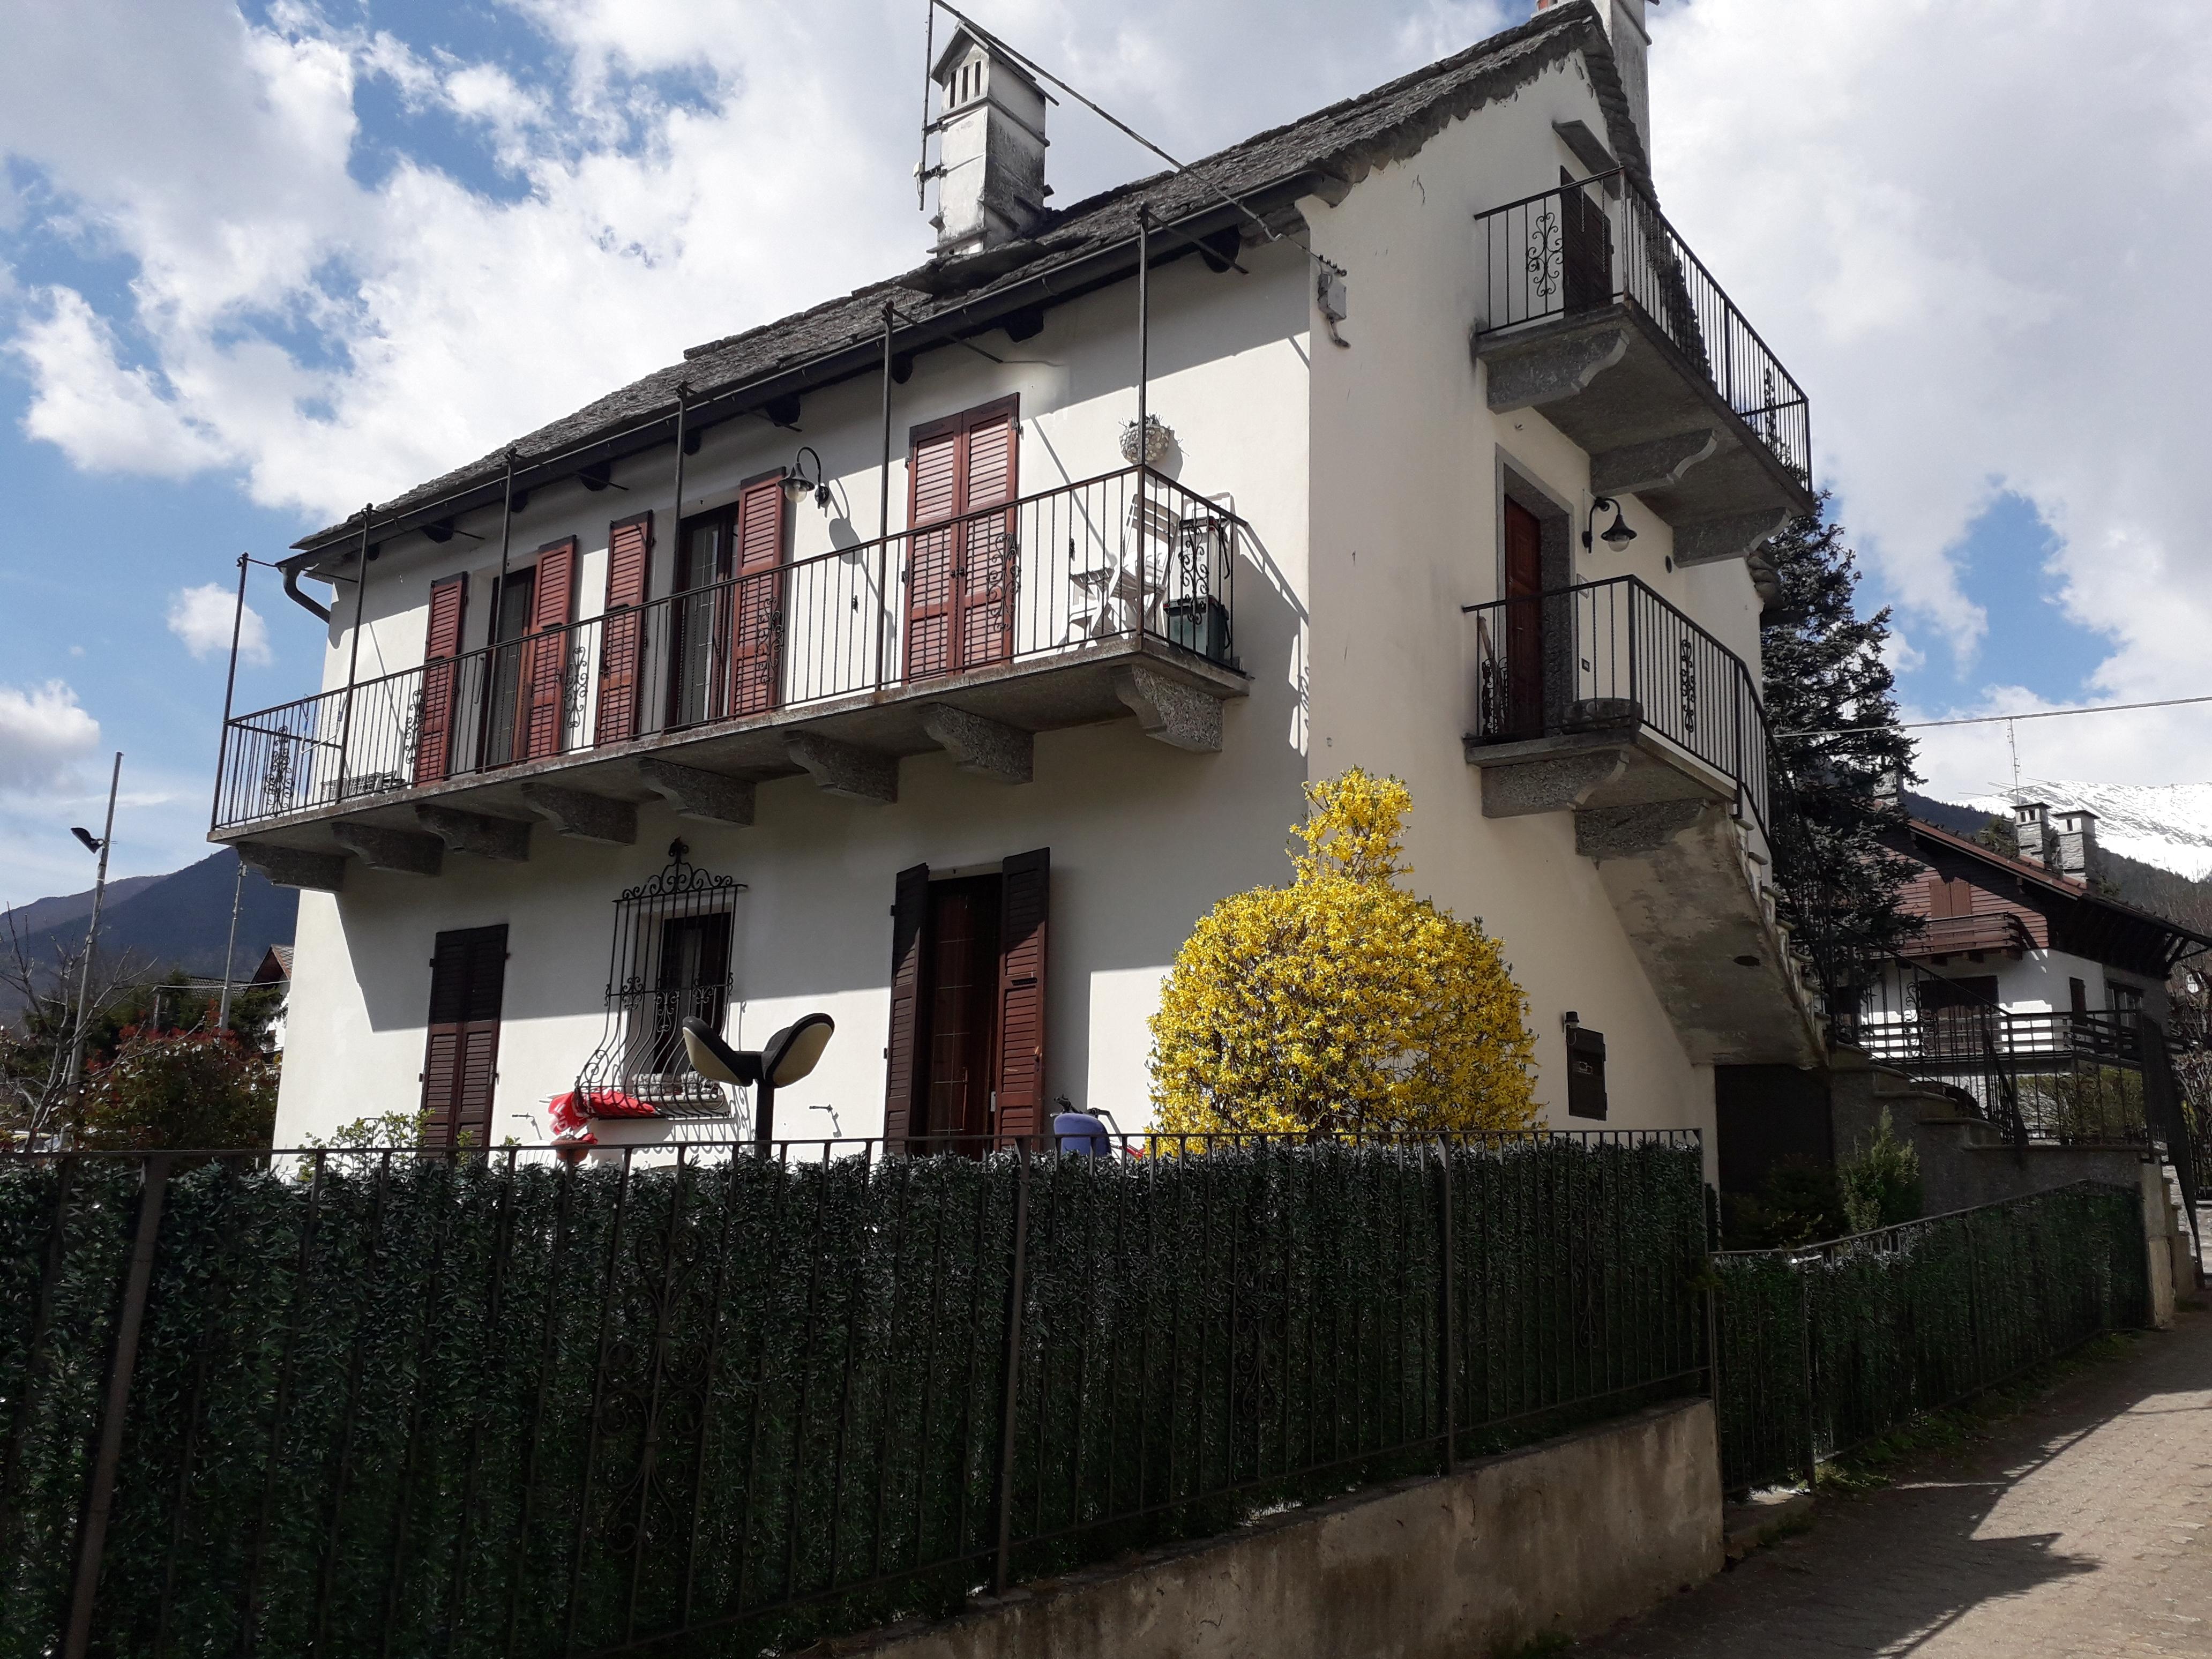 Appartamento in casa singola al primo piano indipendente su Quatro Facciate, no spese condominiale